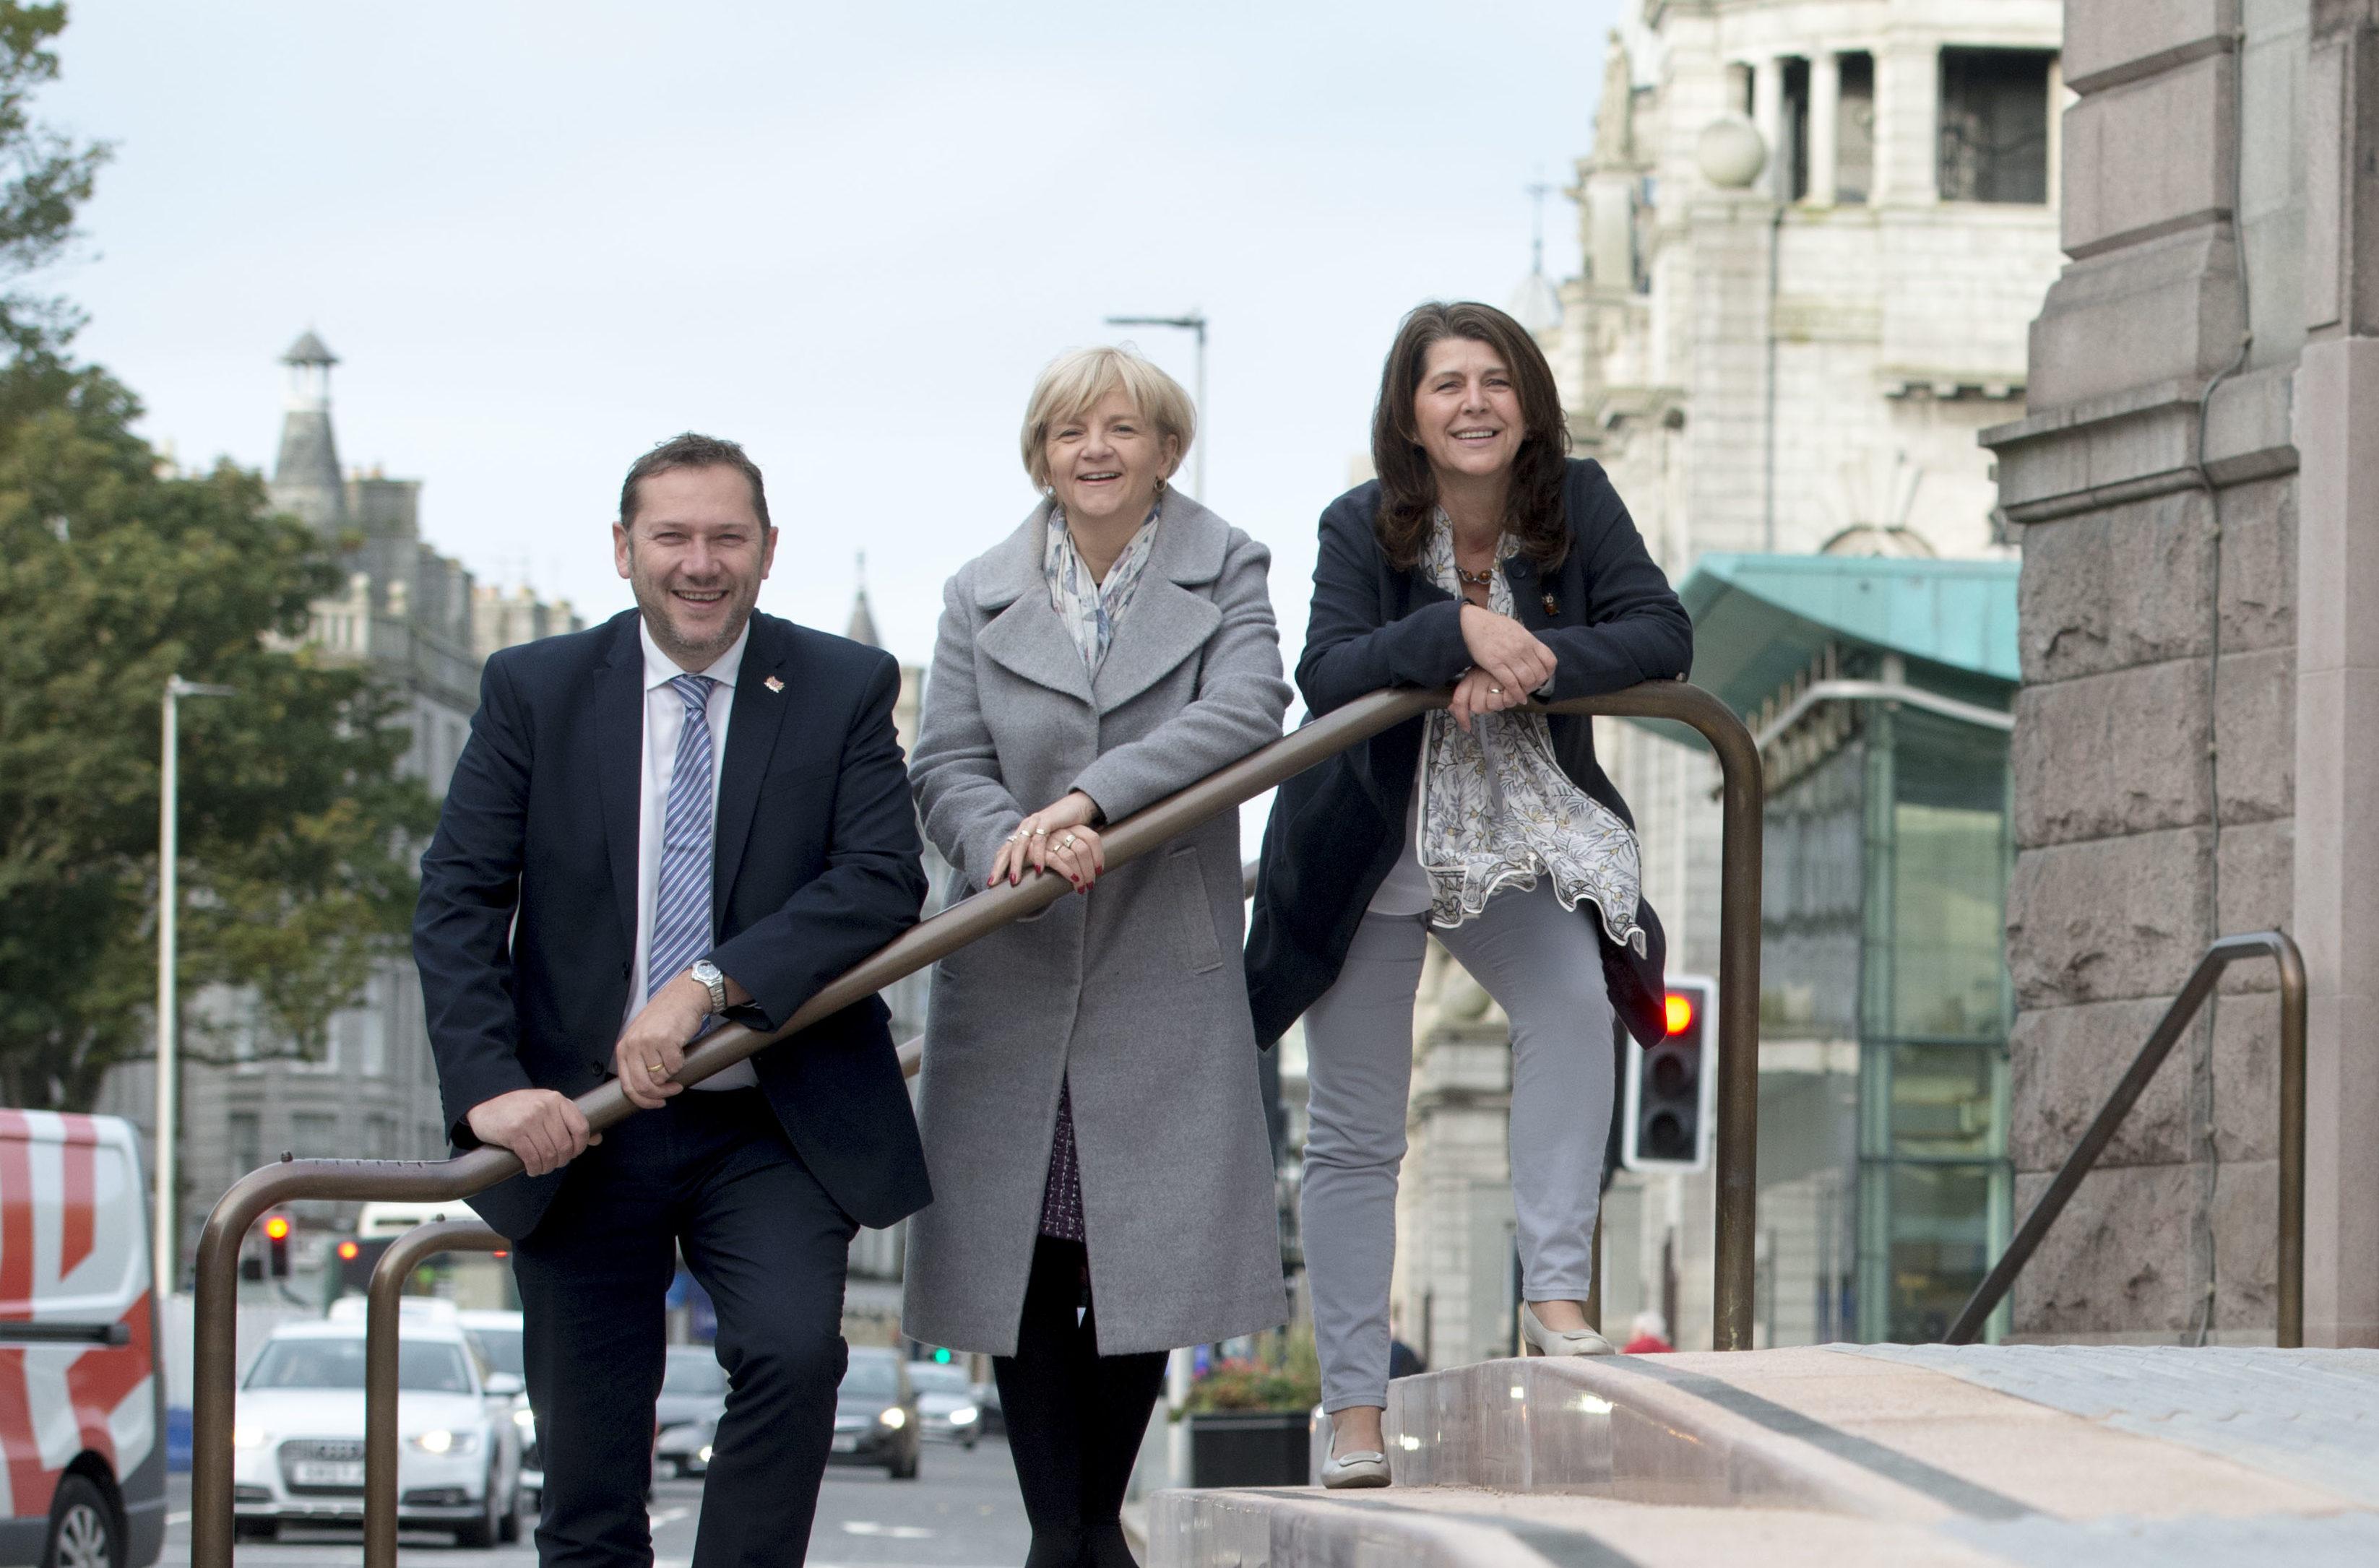 Councillor Jenny Laing, Councillor Douglas Lumsden, Councillor Marie Boulton outside the Aberdeen Art Gallery.